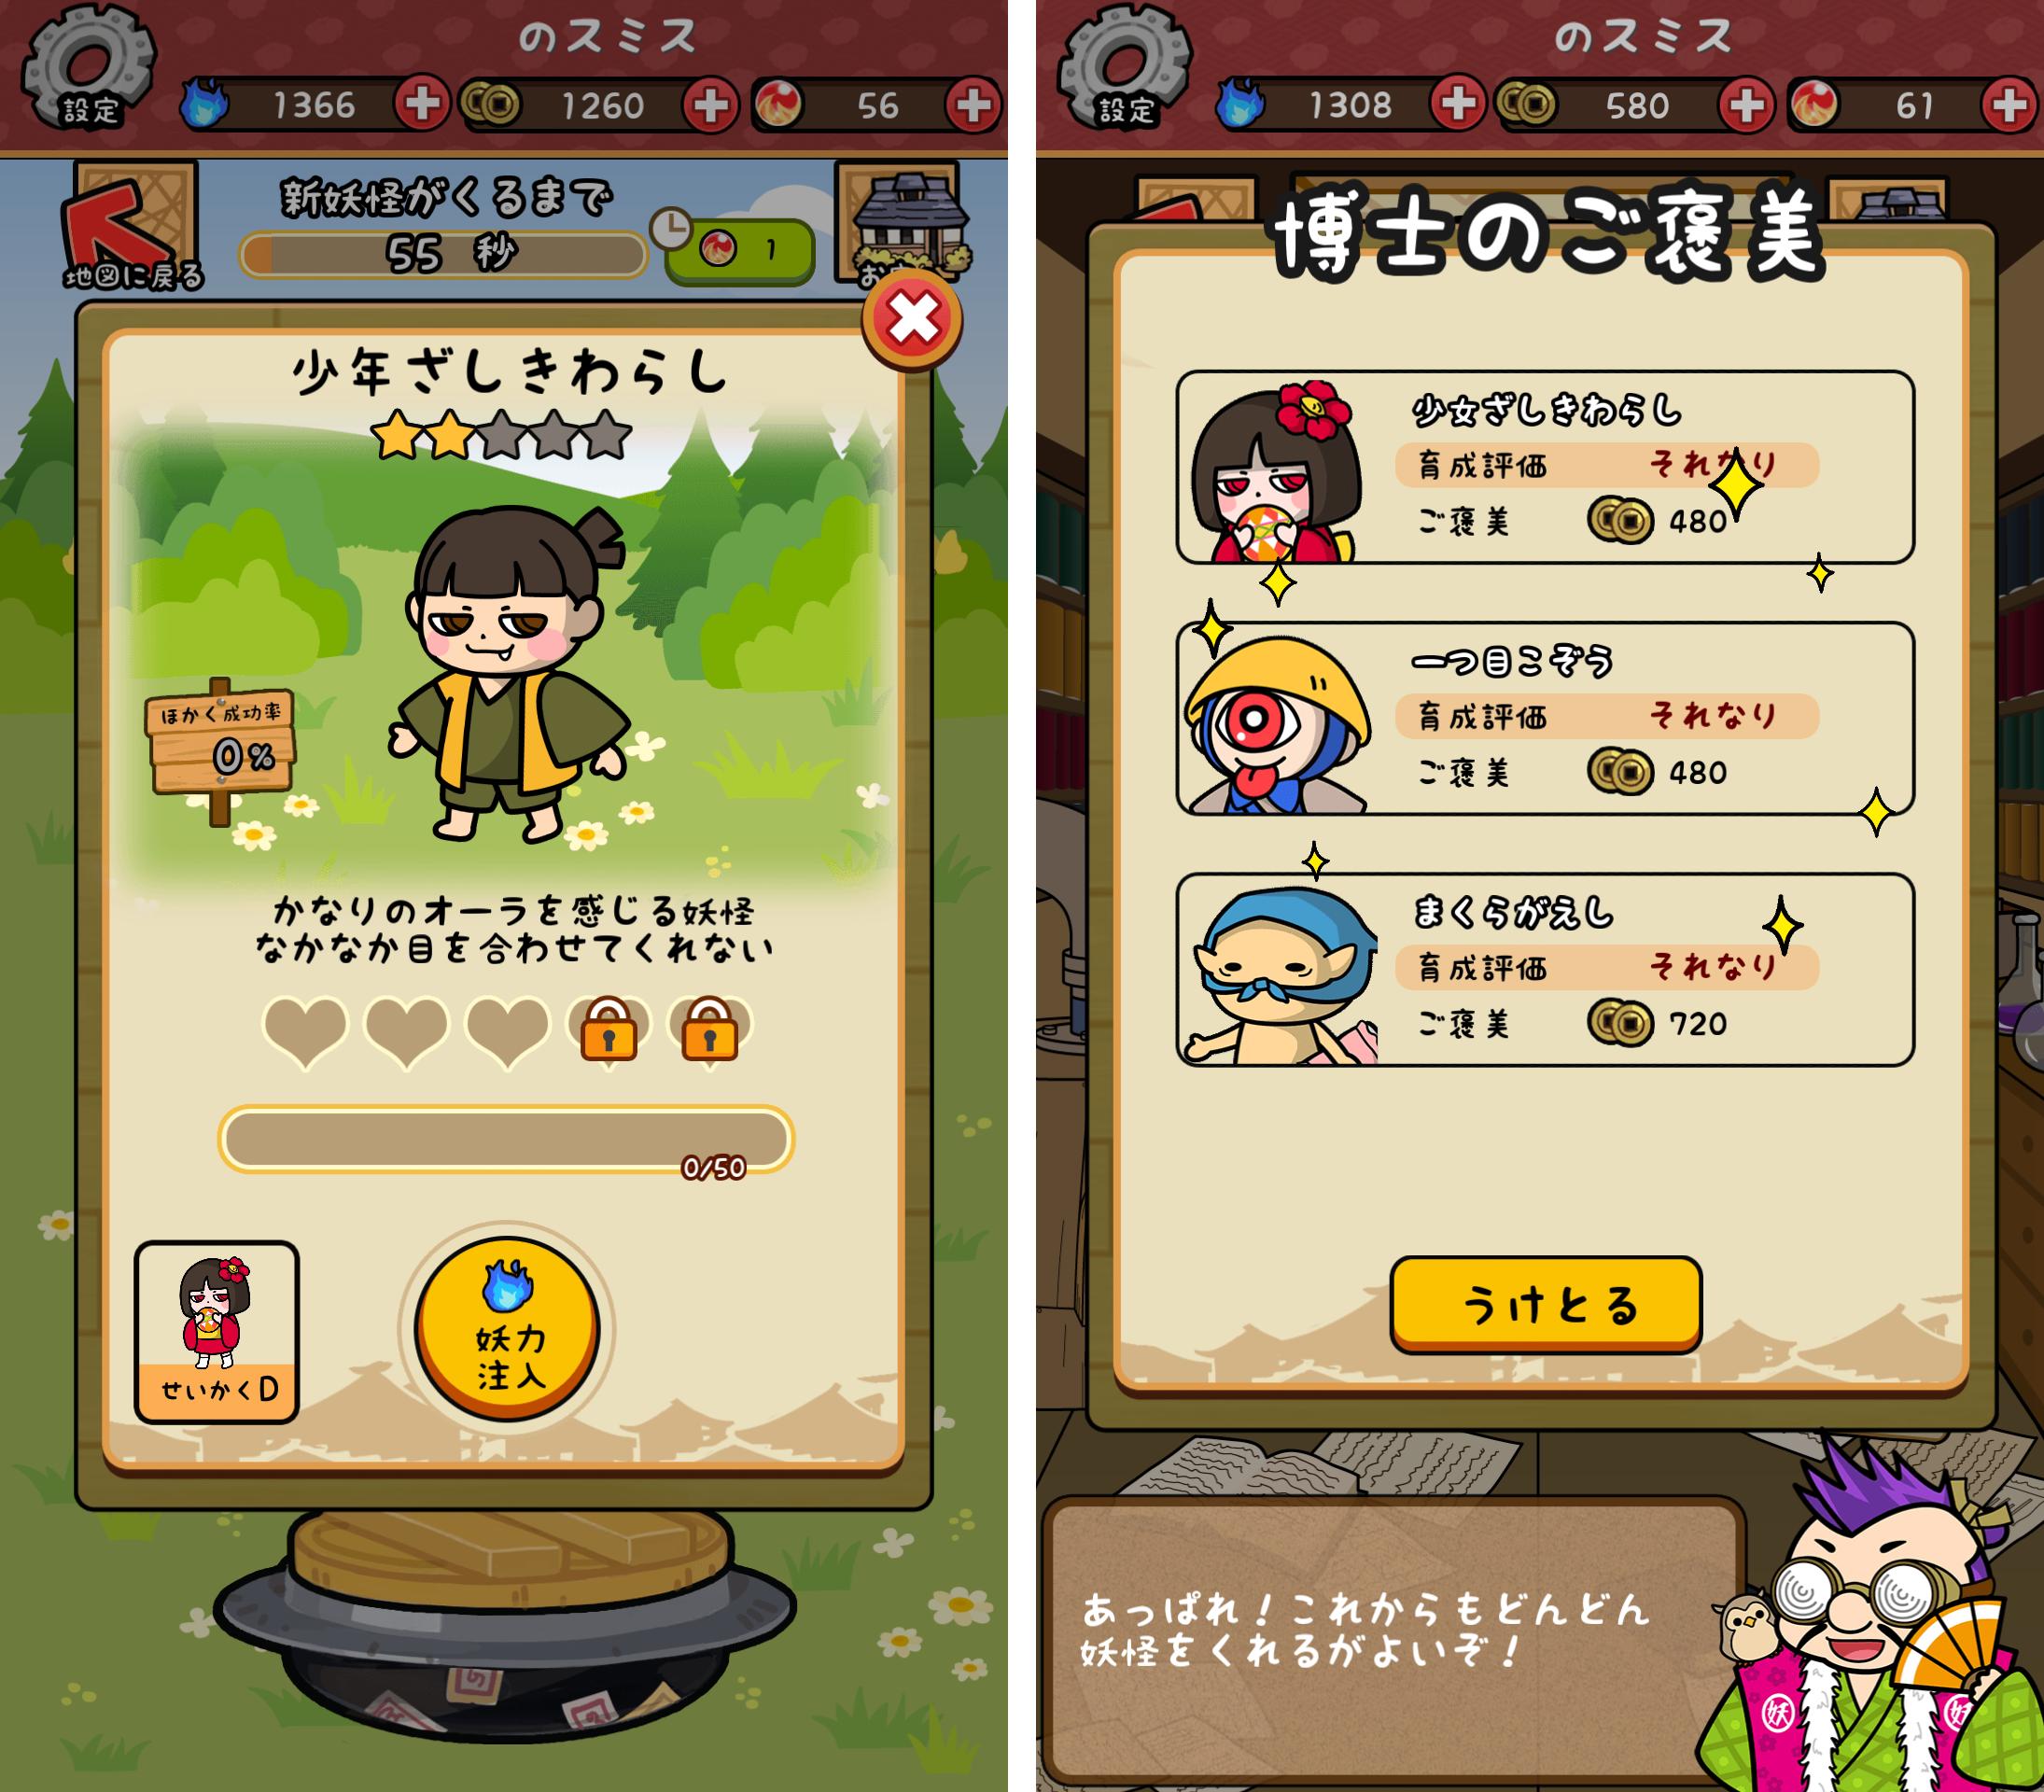 キテレツ!妖怪ほいほい2 androidアプリスクリーンショット3